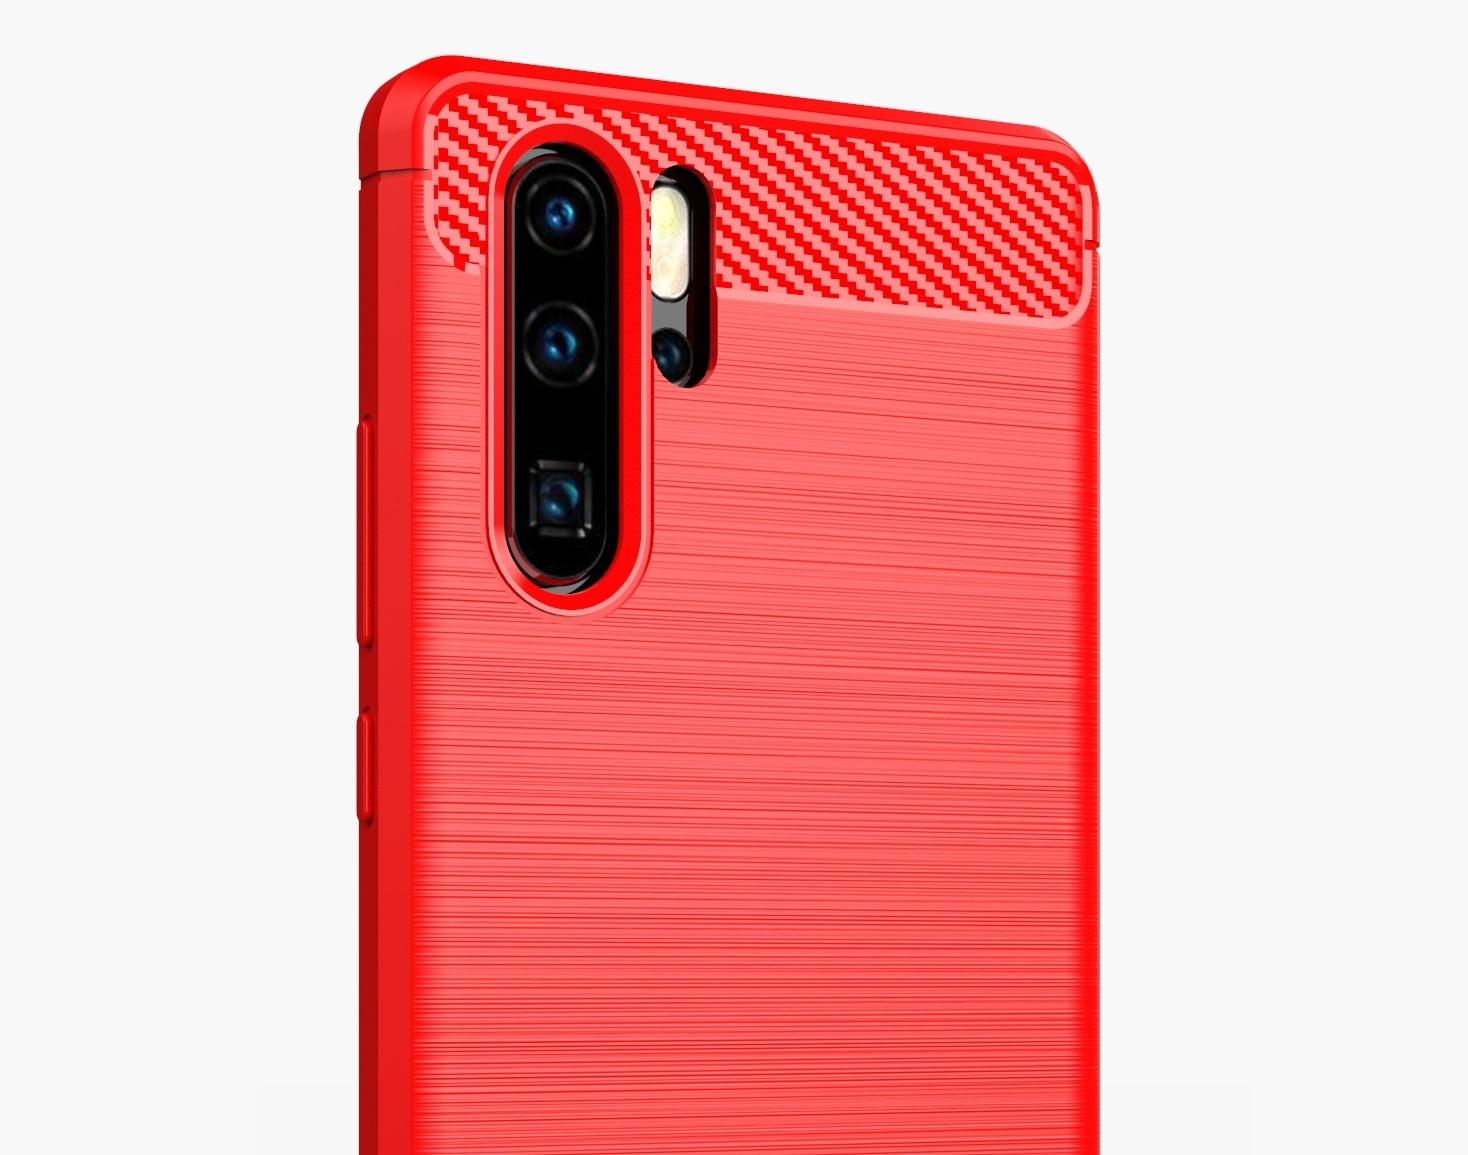 Чехол для Huawei P30 Pro цвет Red (красный), серия Carbon от Caseport